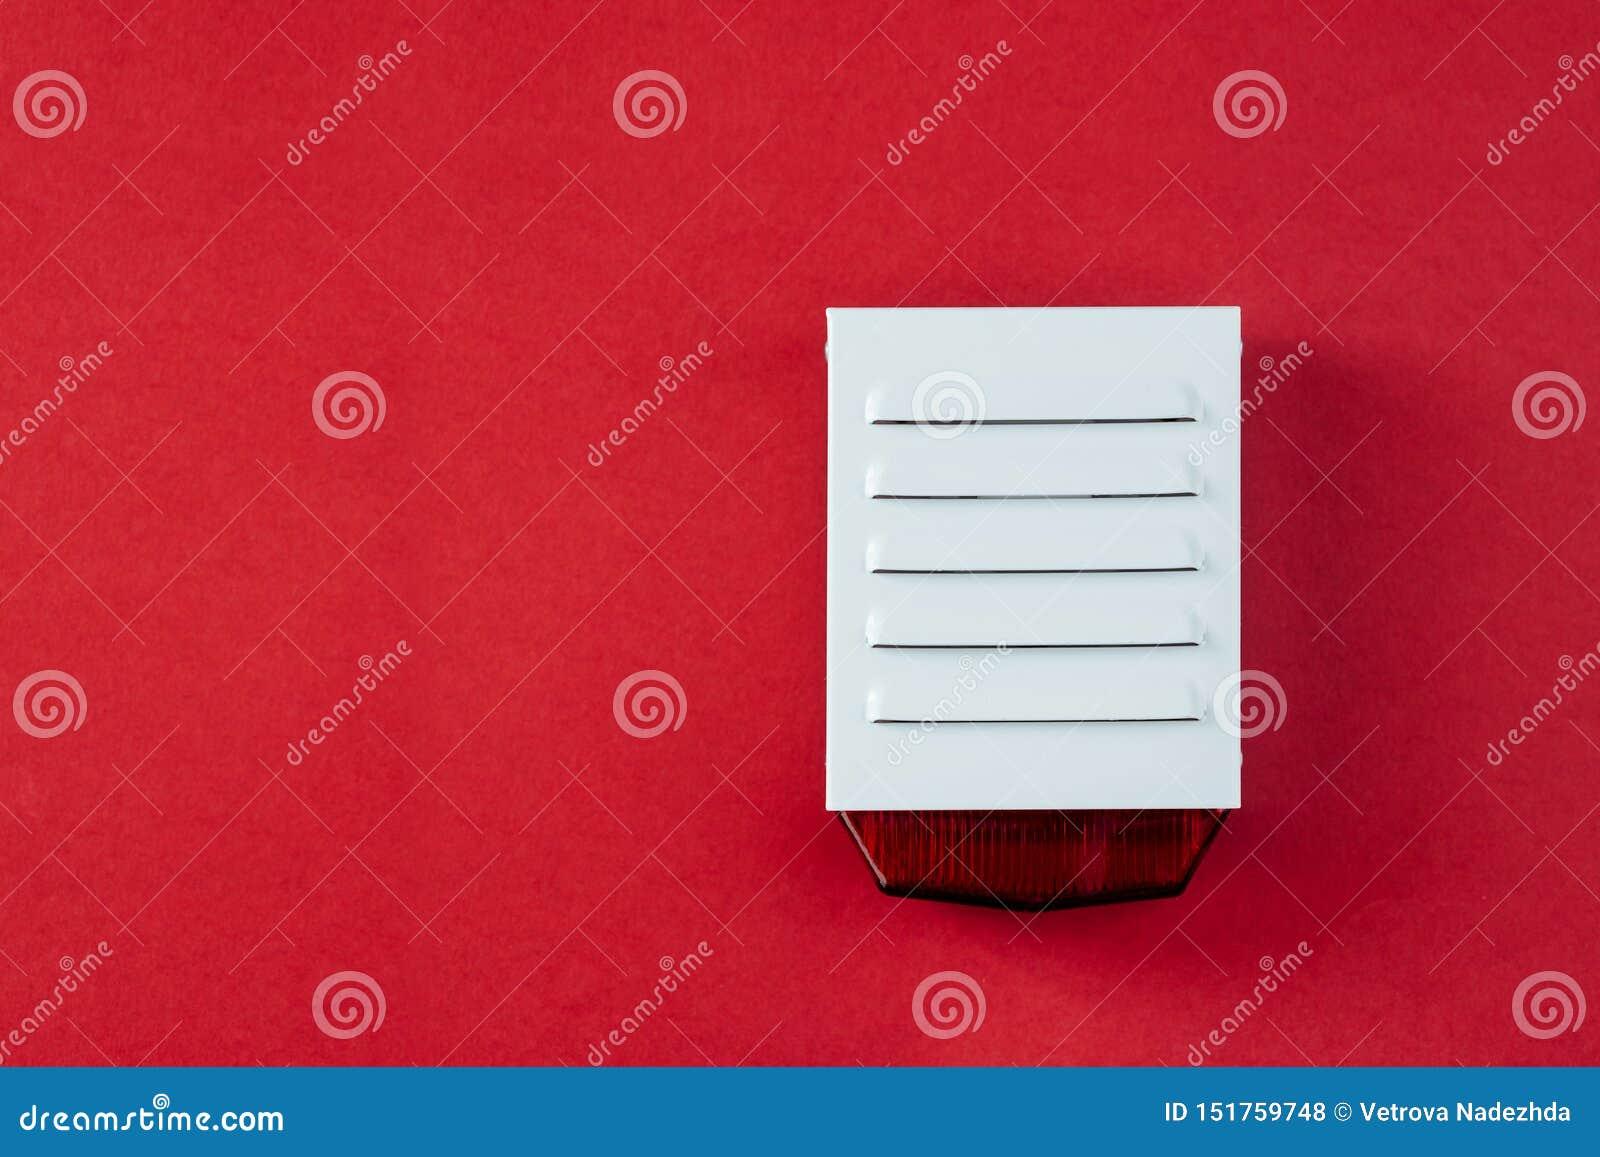 Σύστημα πυρασφάλειας σε ένα κόκκινο υπόβαθρο ενός διαστήματος αντιγράφων